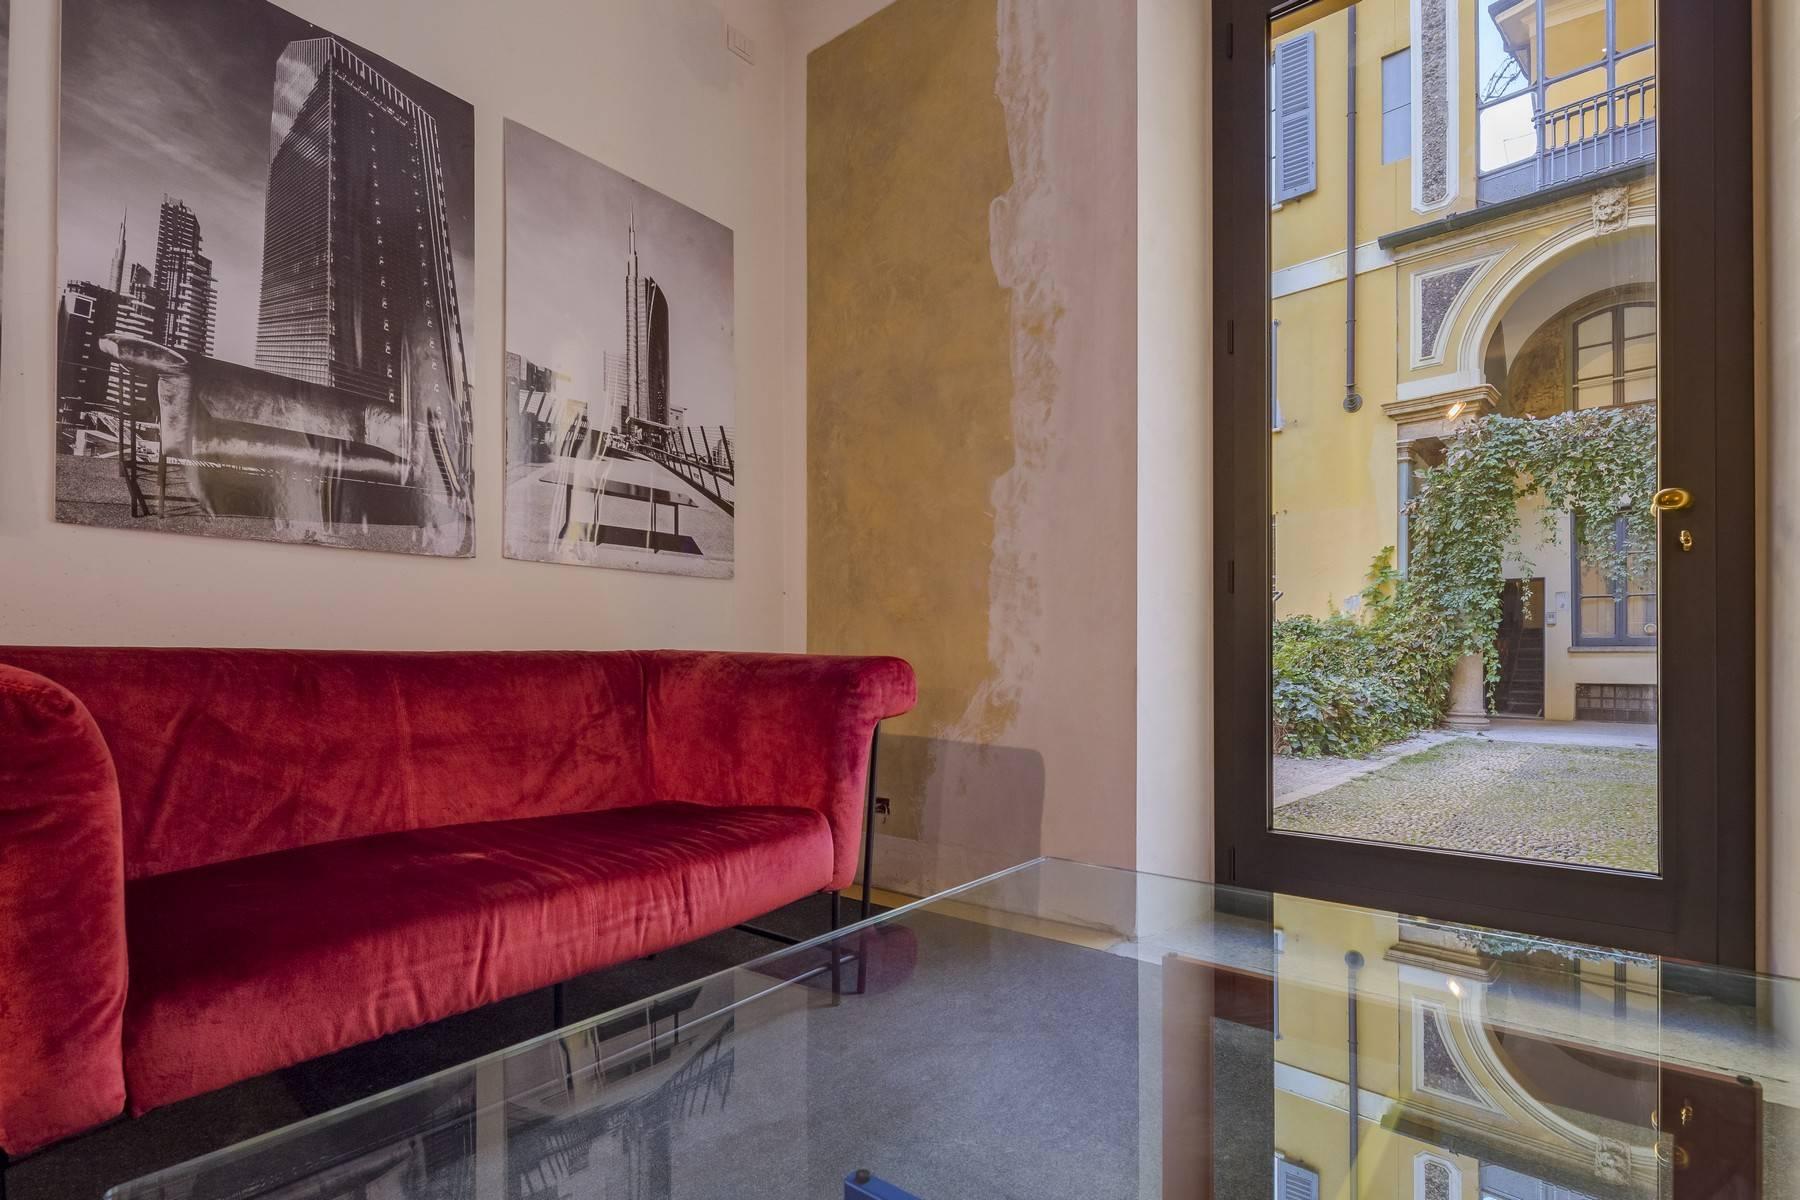 Negozio-locale in Affitto a Milano: 2 locali, 100 mq - Foto 3